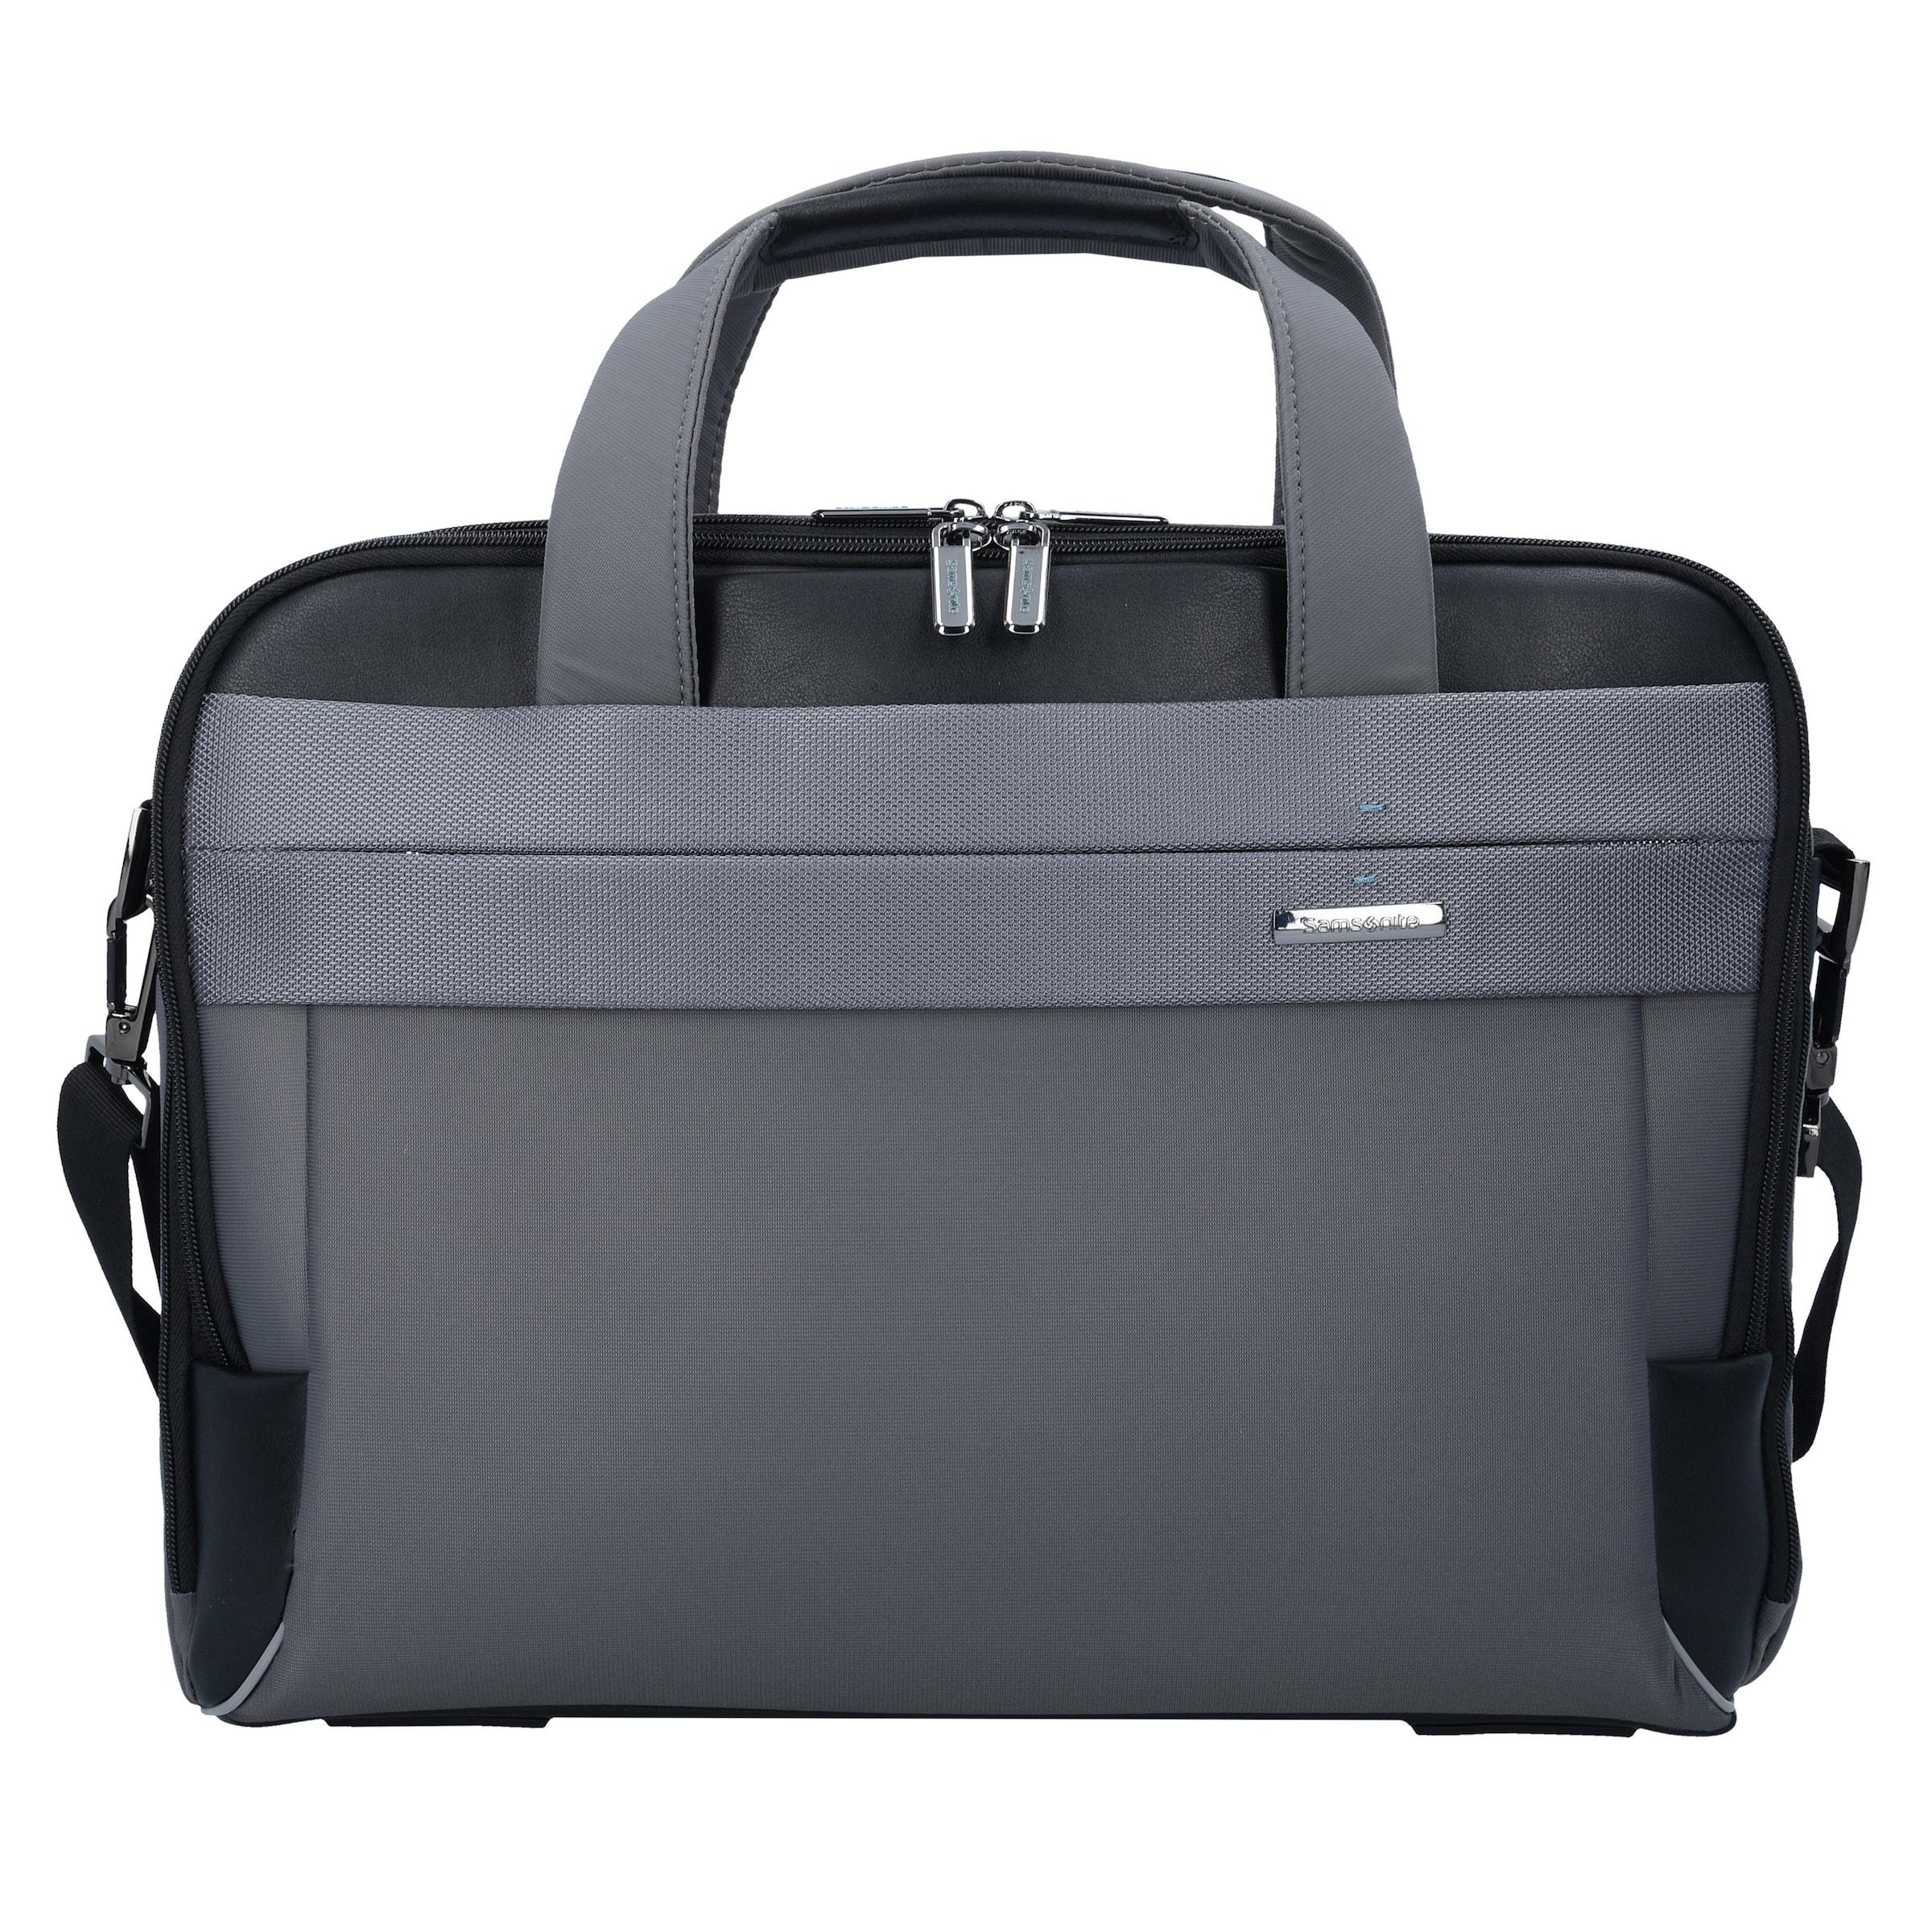 In Spectrolite Samsonite Businesstasche Cm 42 0 Laptopfach 2 GrauSchwarz XiuwZTkOP